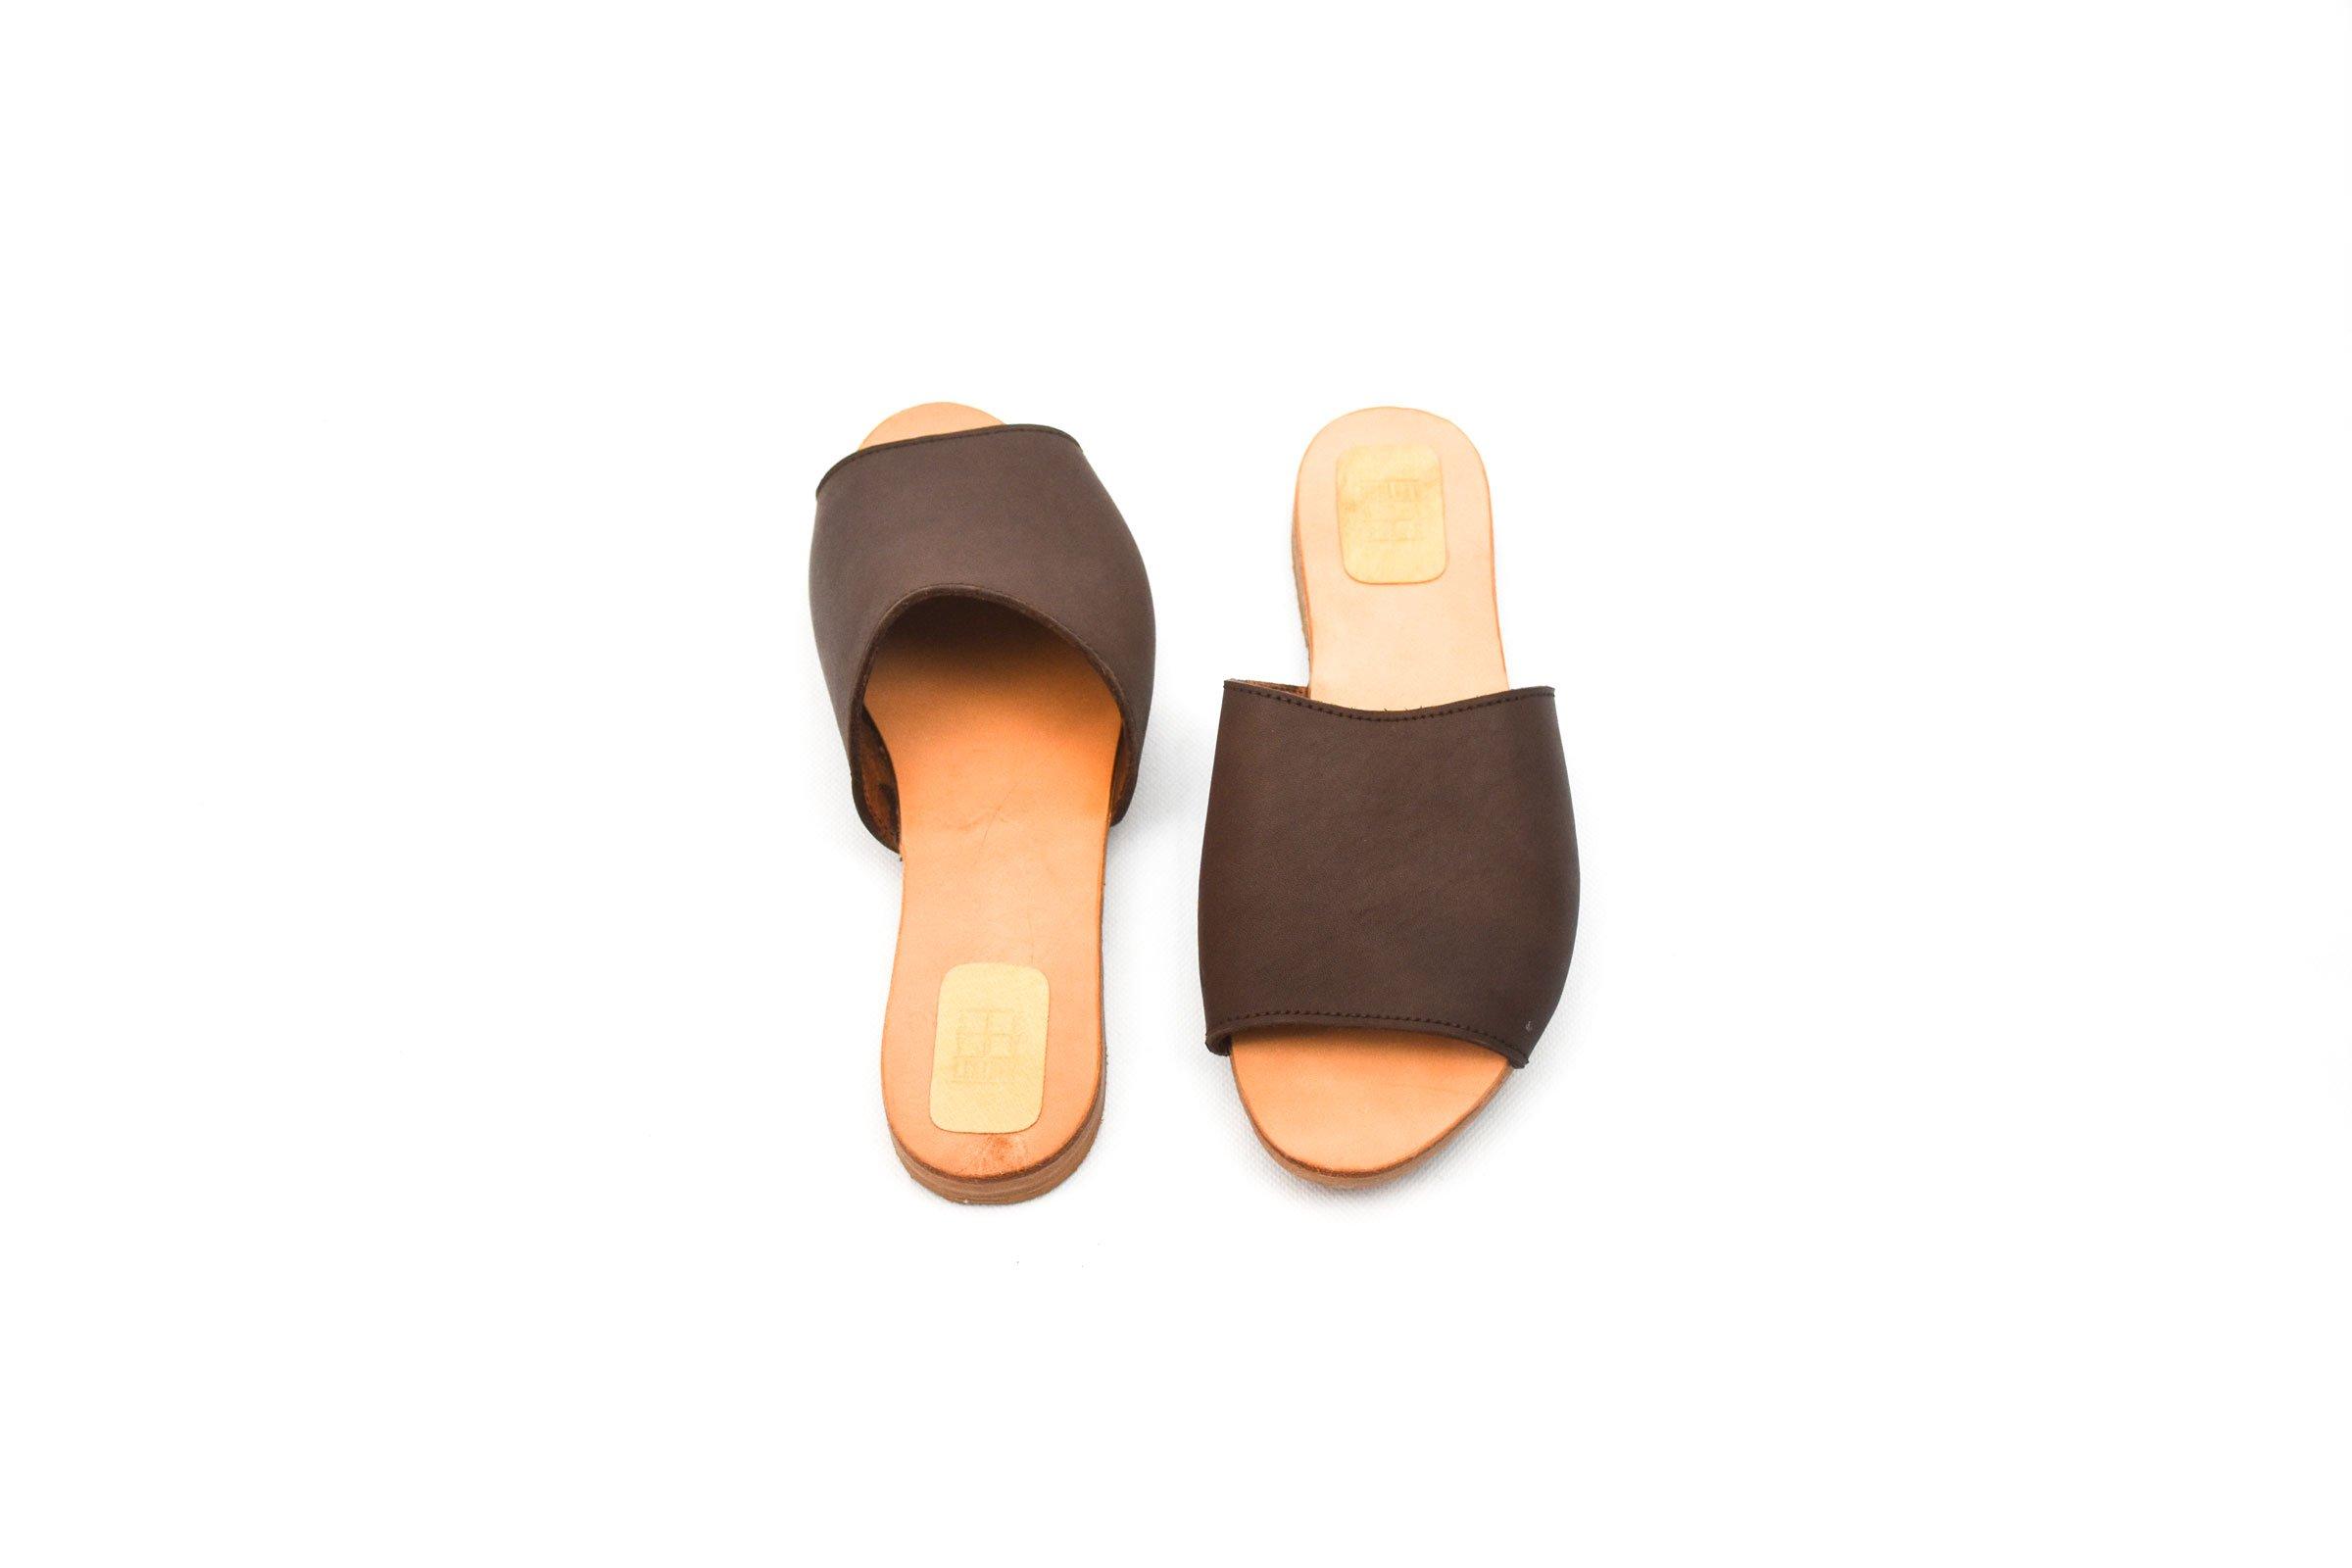 sandalia marrón oscuro piel cuero plana mujer